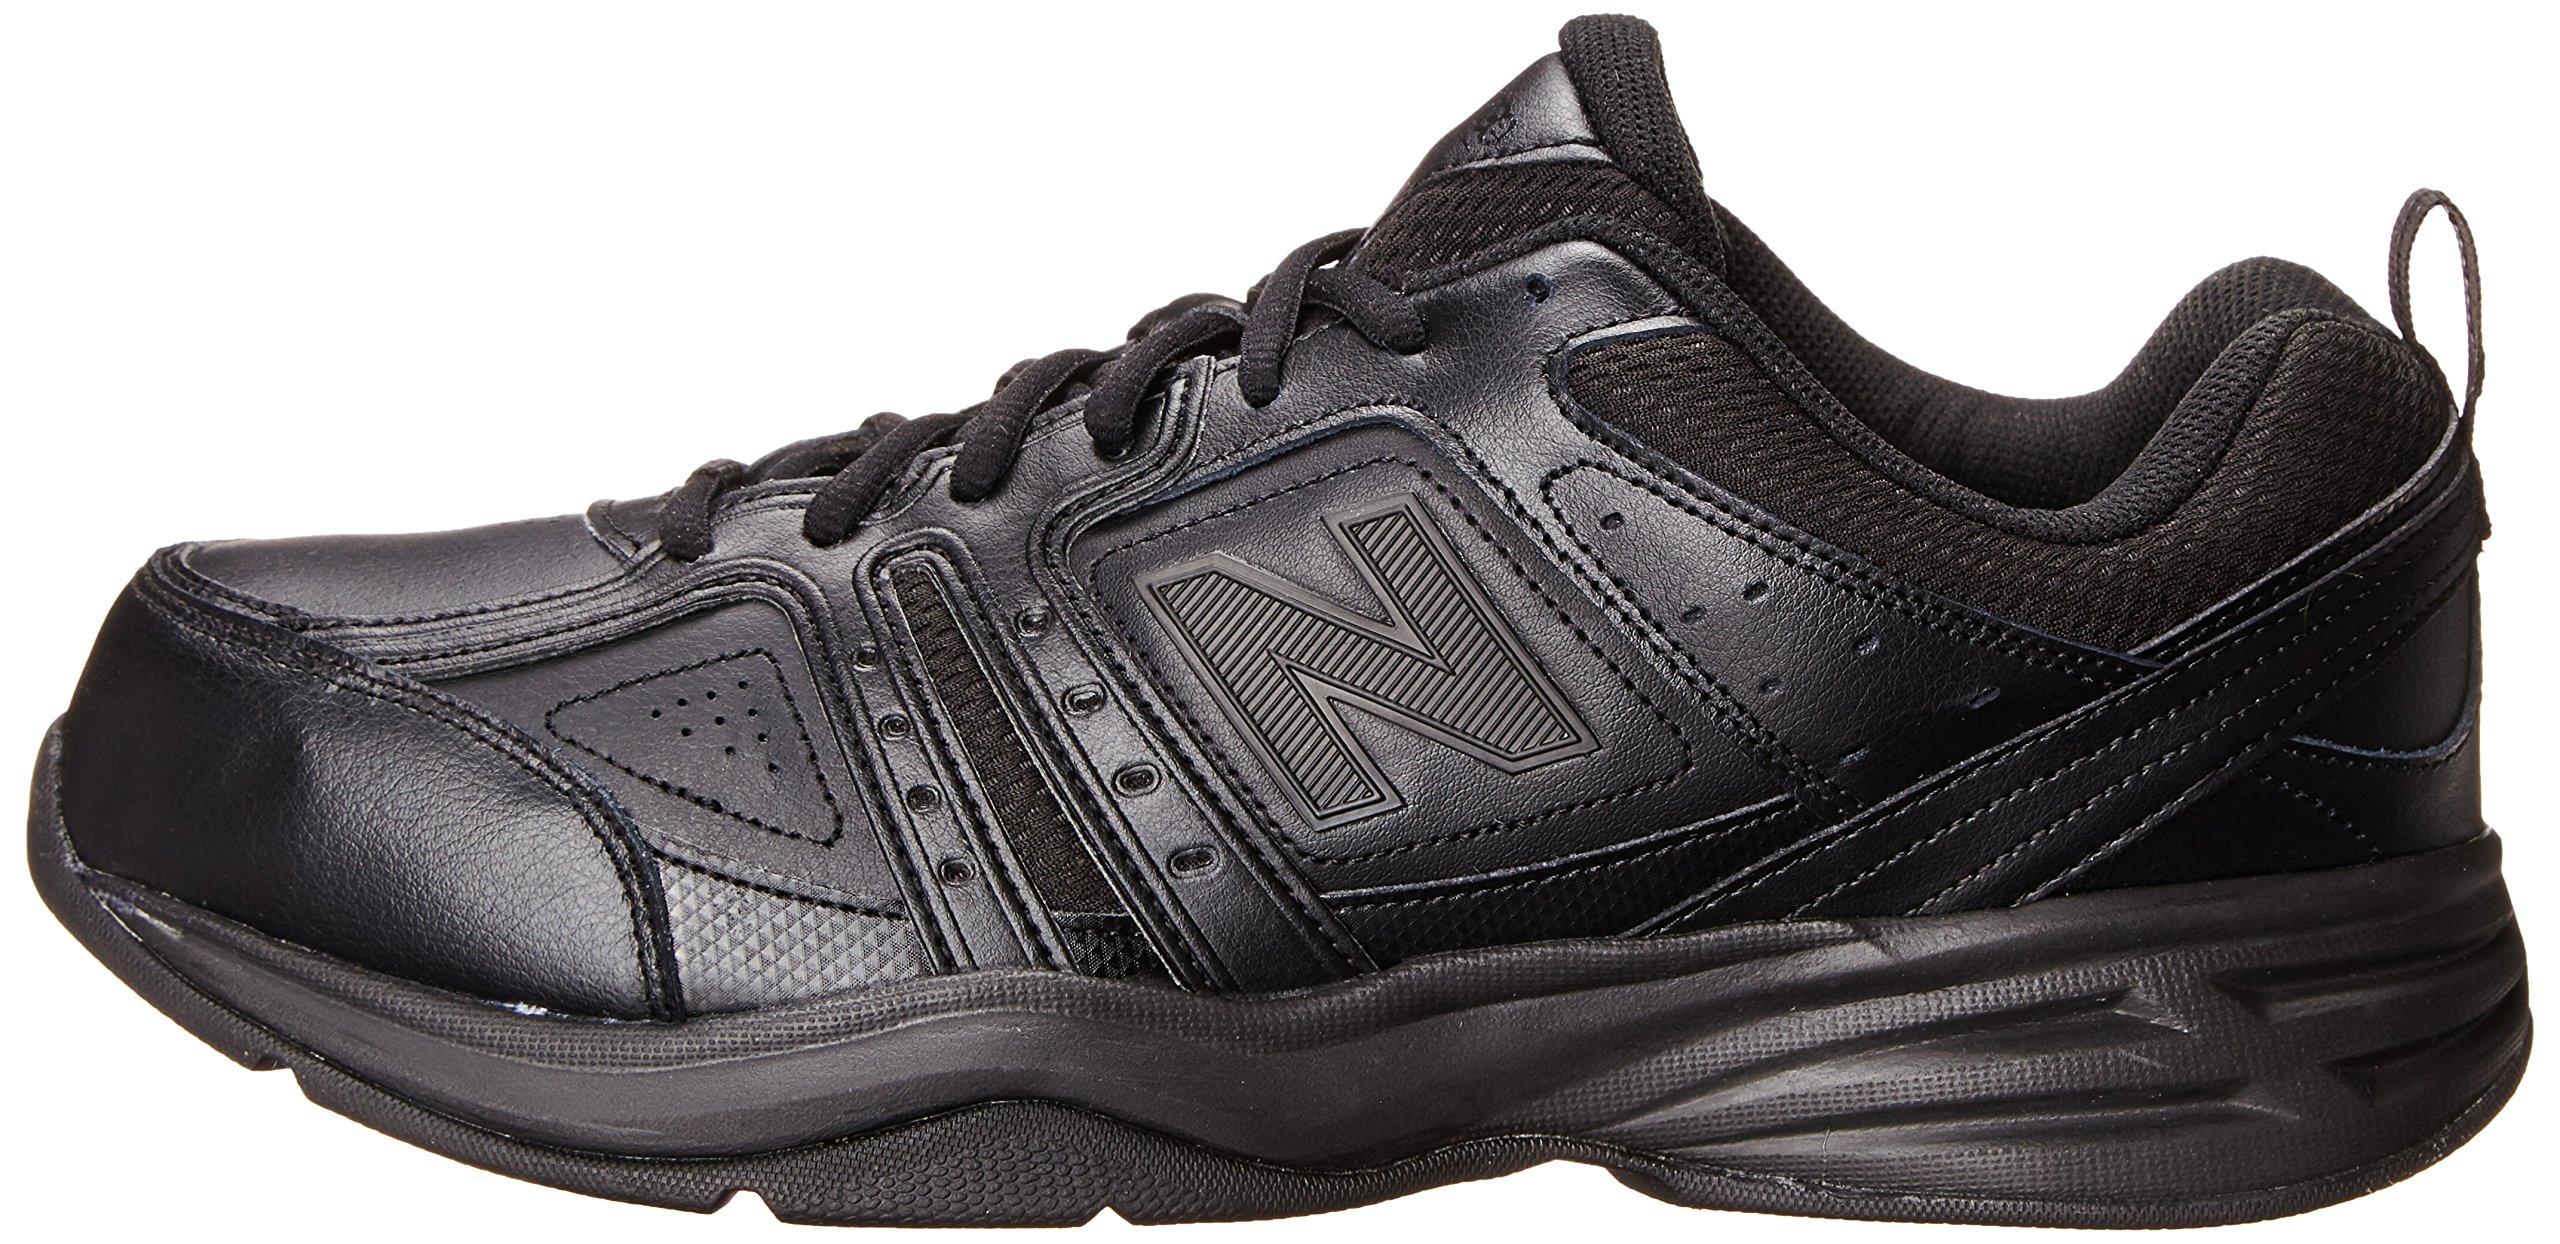 059697e0 New Balance Men's MX409 Cross-Training Shoe